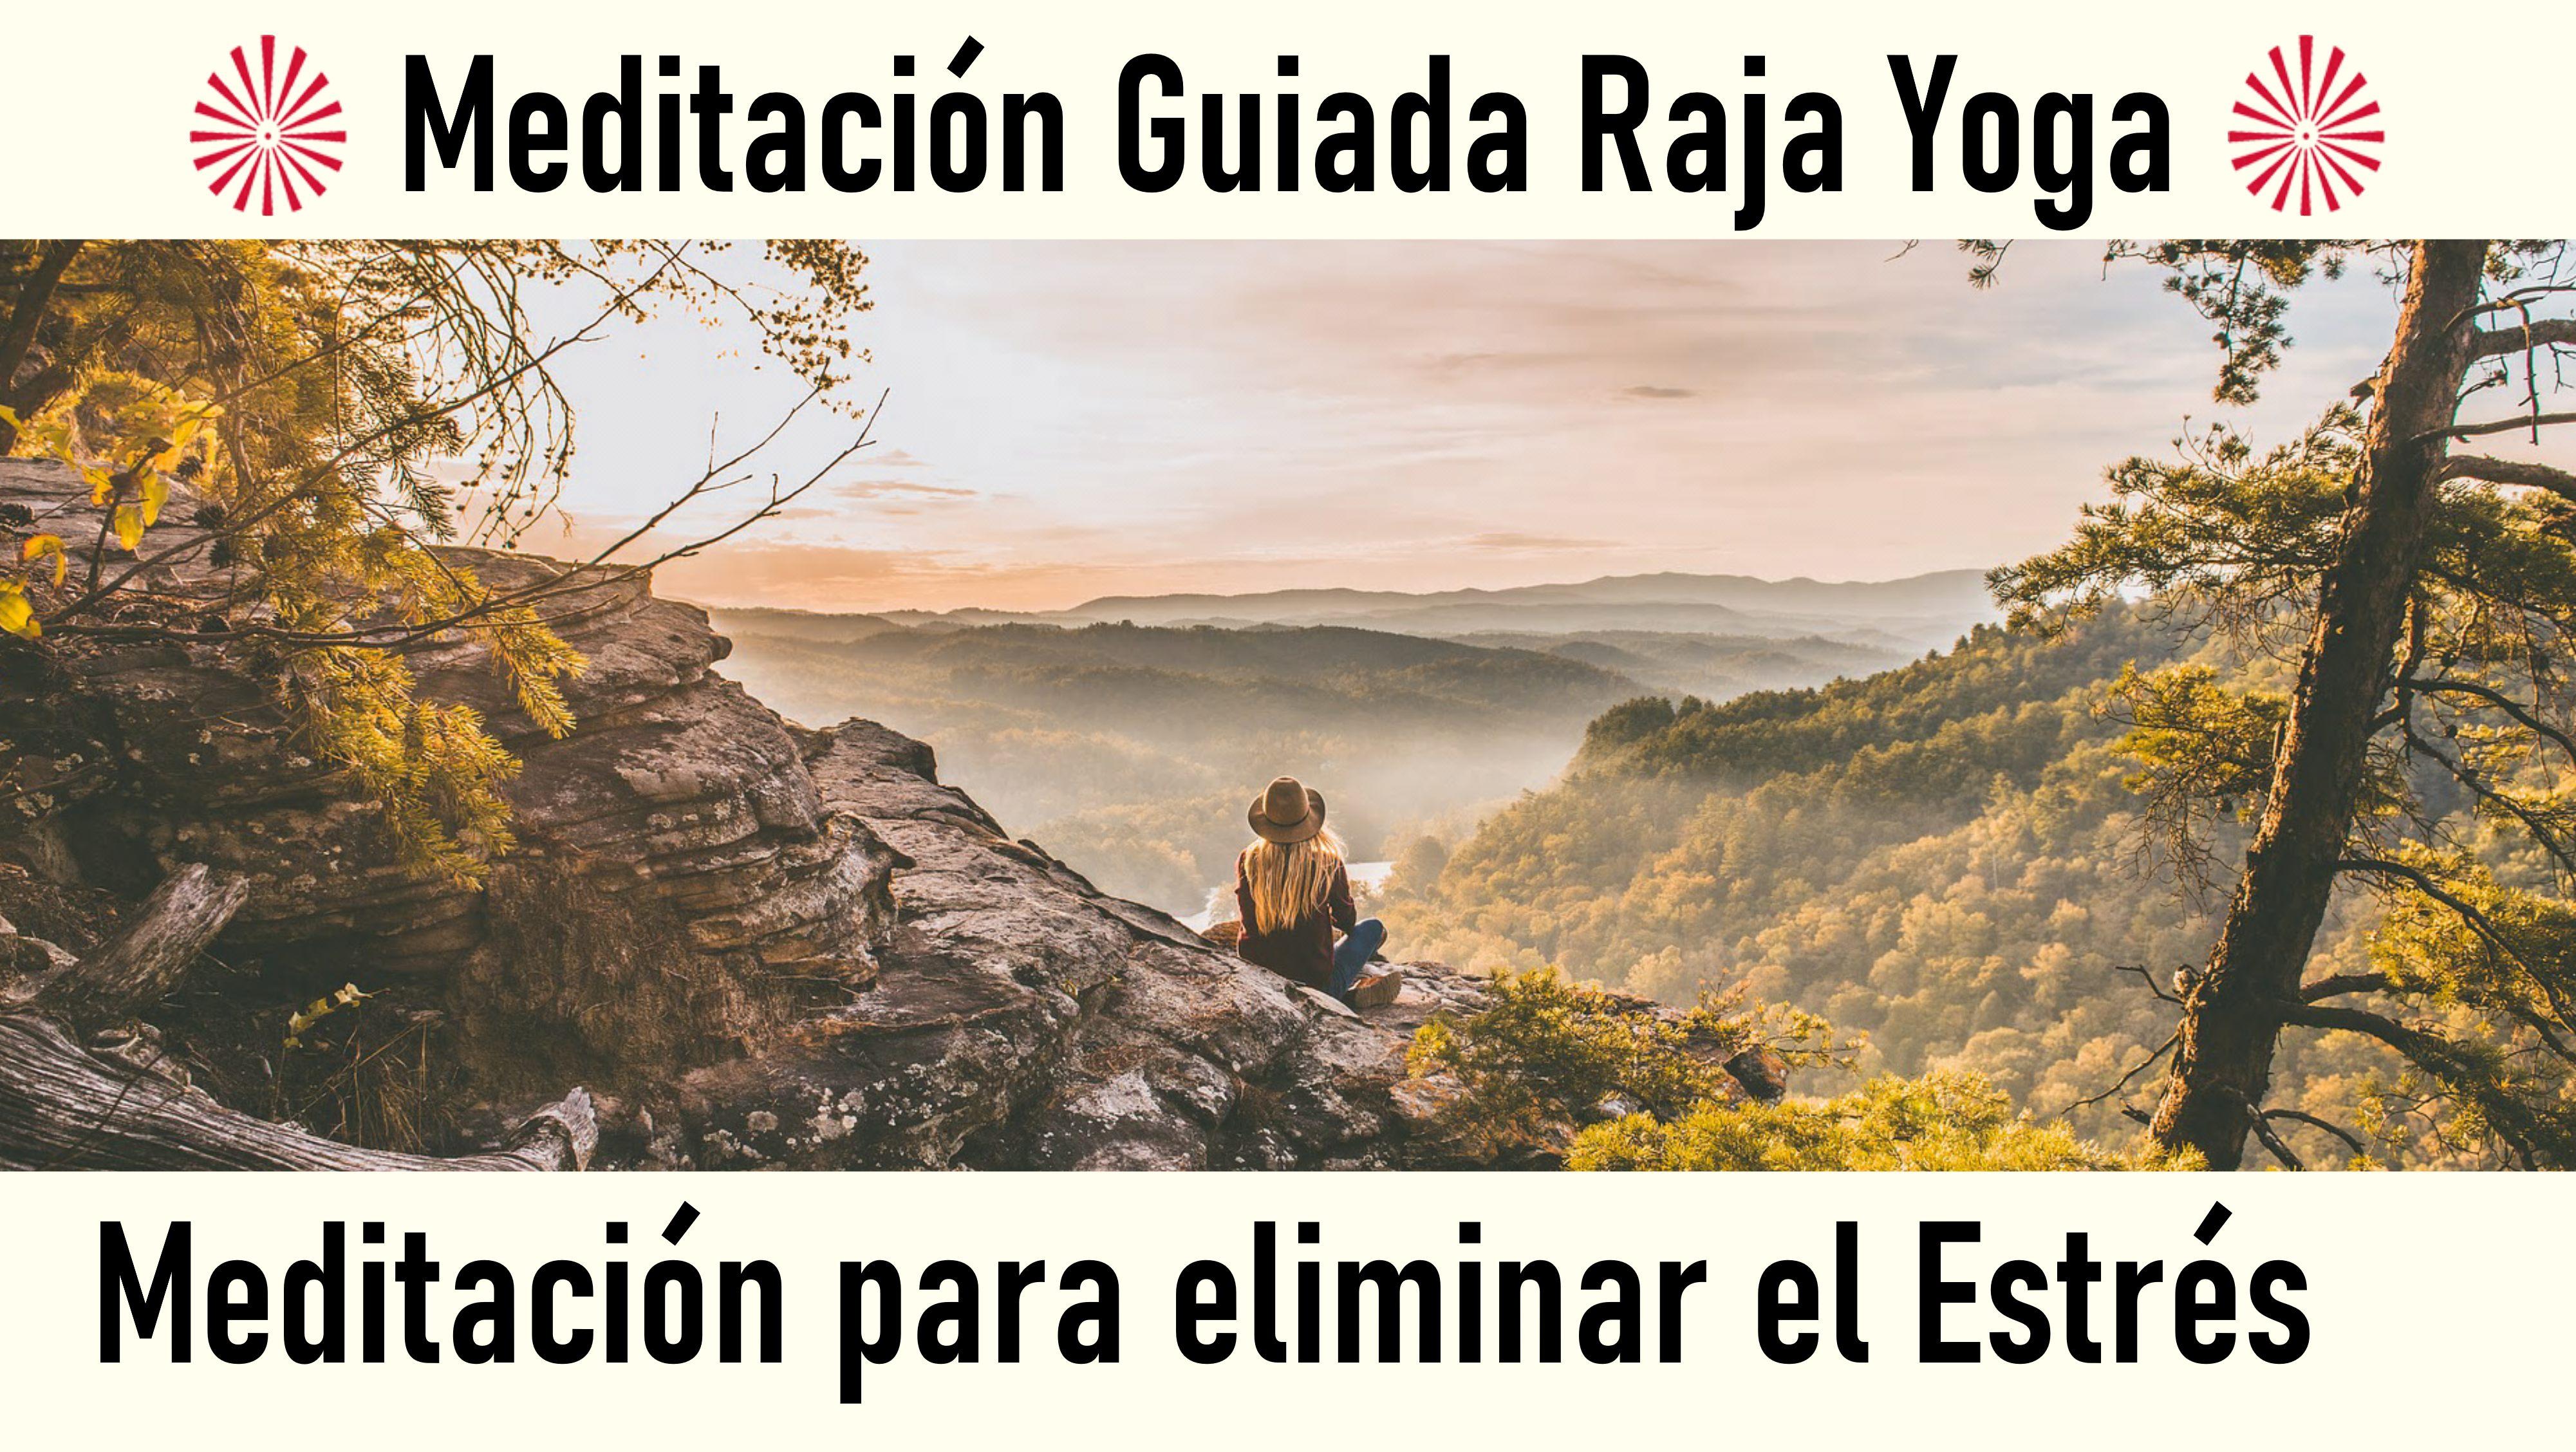 Meditación Raya Yoga: Meditación para eliminar el estrés (30 Junio 2020) On-line desde Valencia